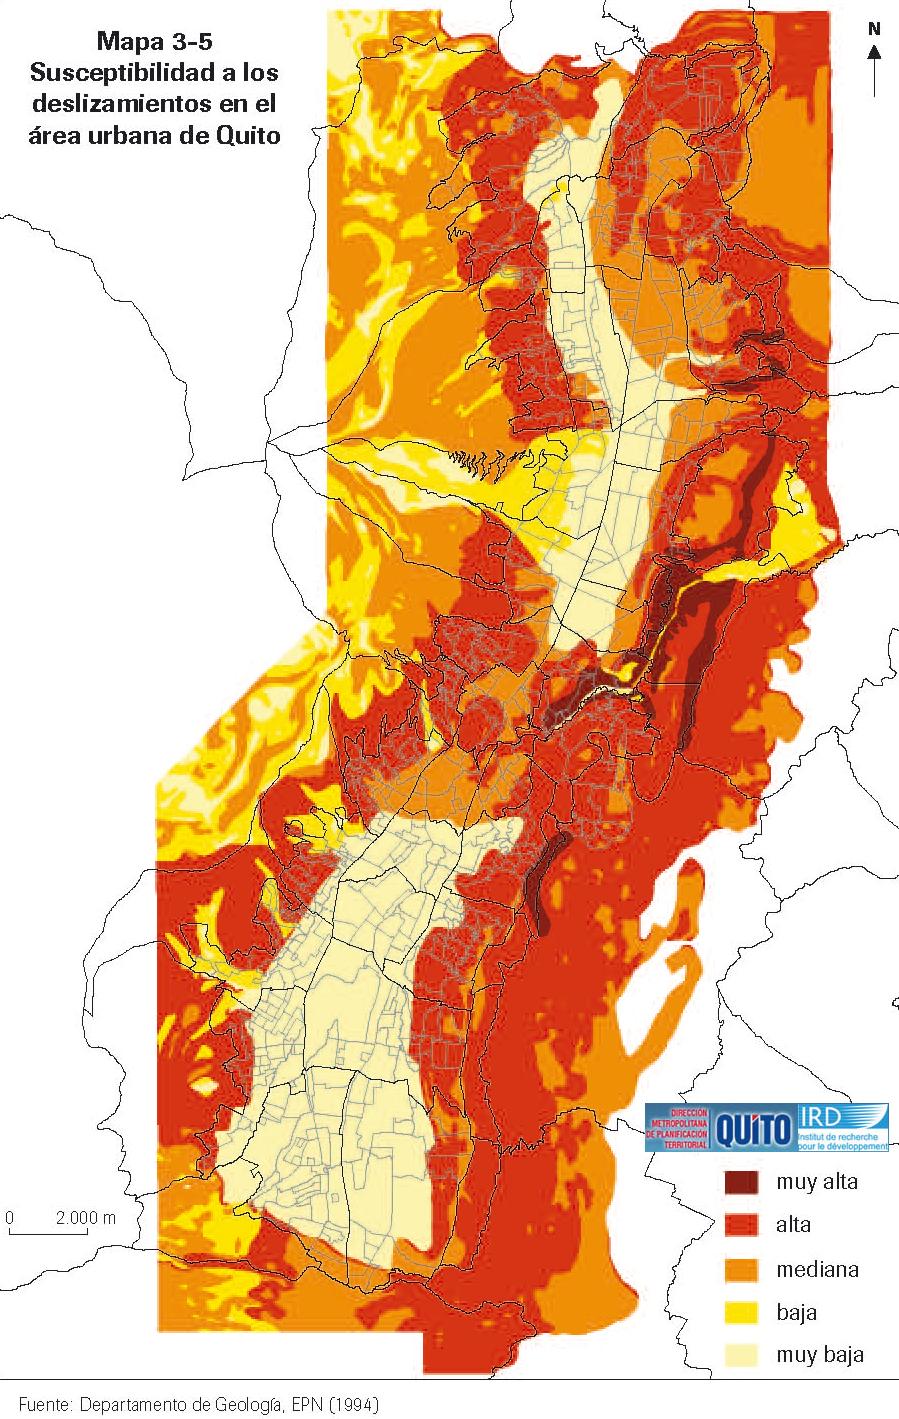 Susceptibilidad a los deslizamientos en Quito 1994